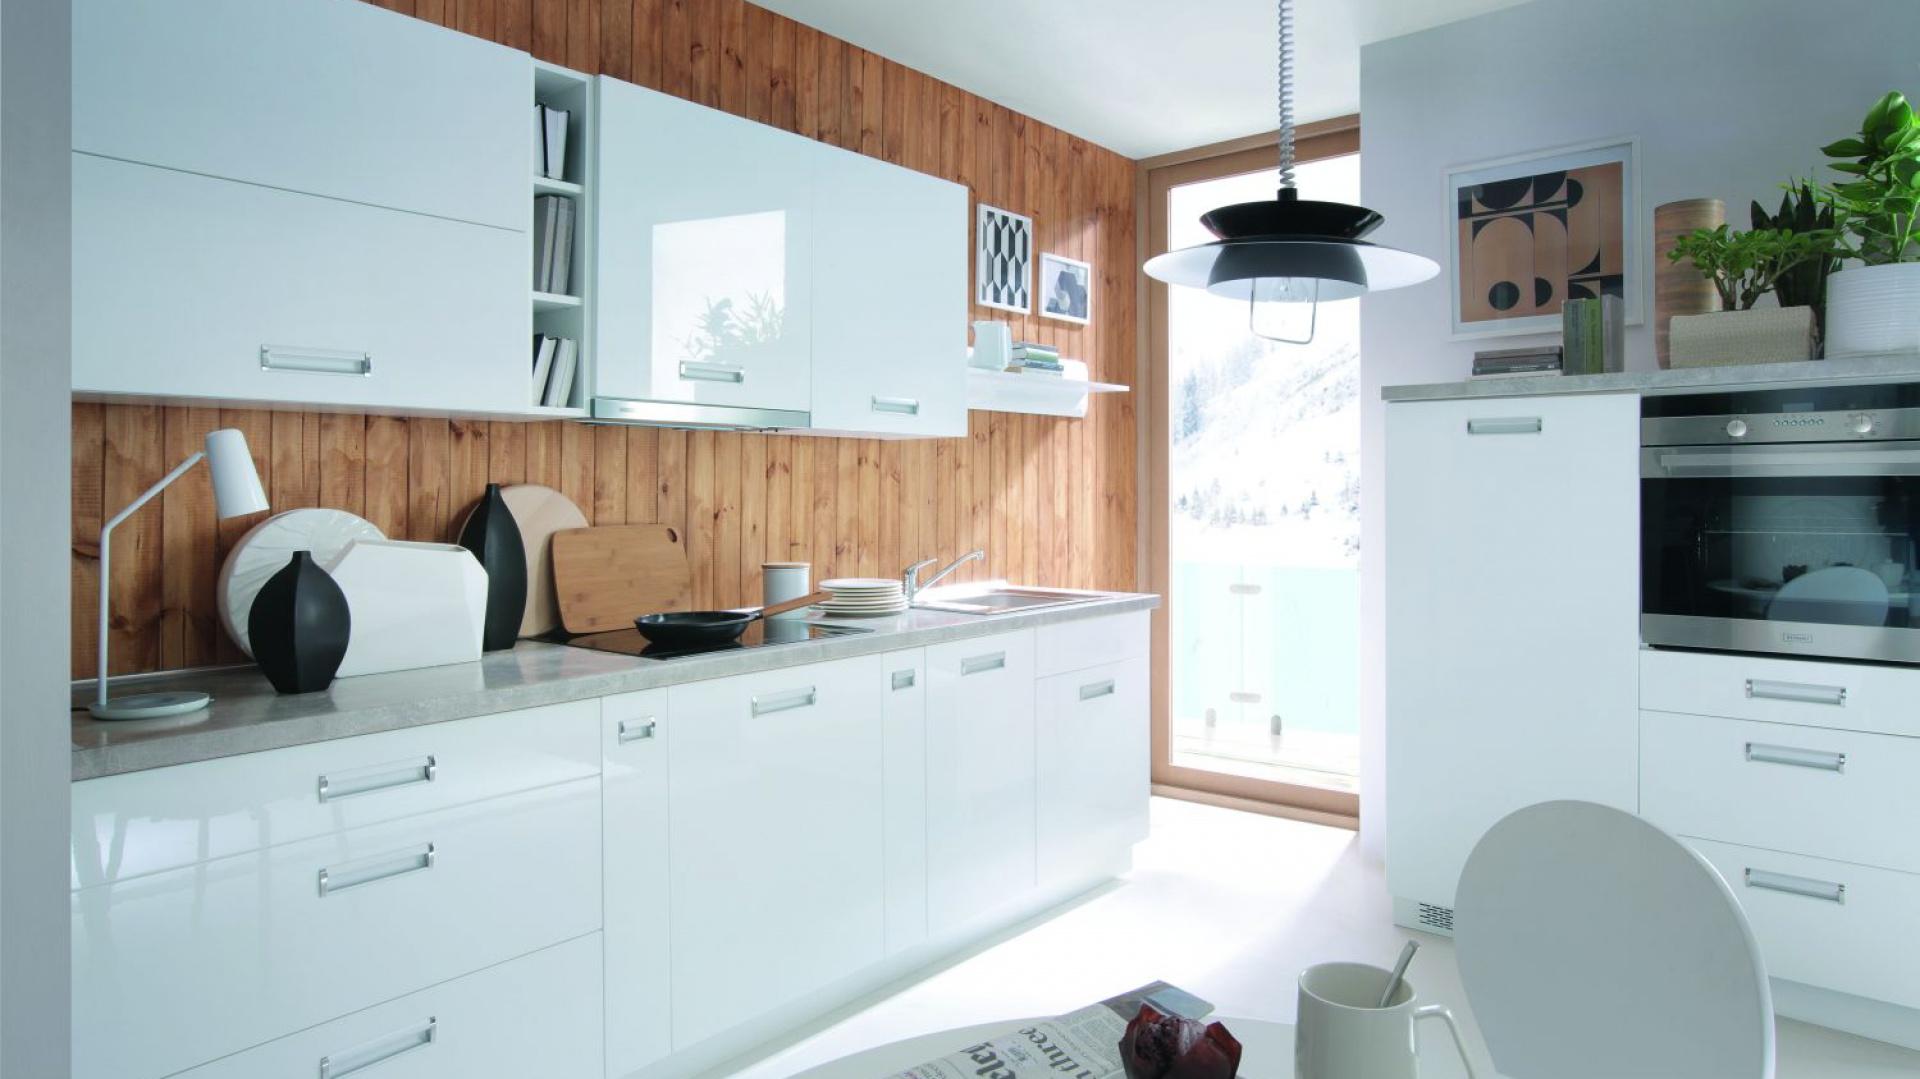 Biała Kuchnia Ocieplona Drewnem Piękne Zdjęcia Od Producentów